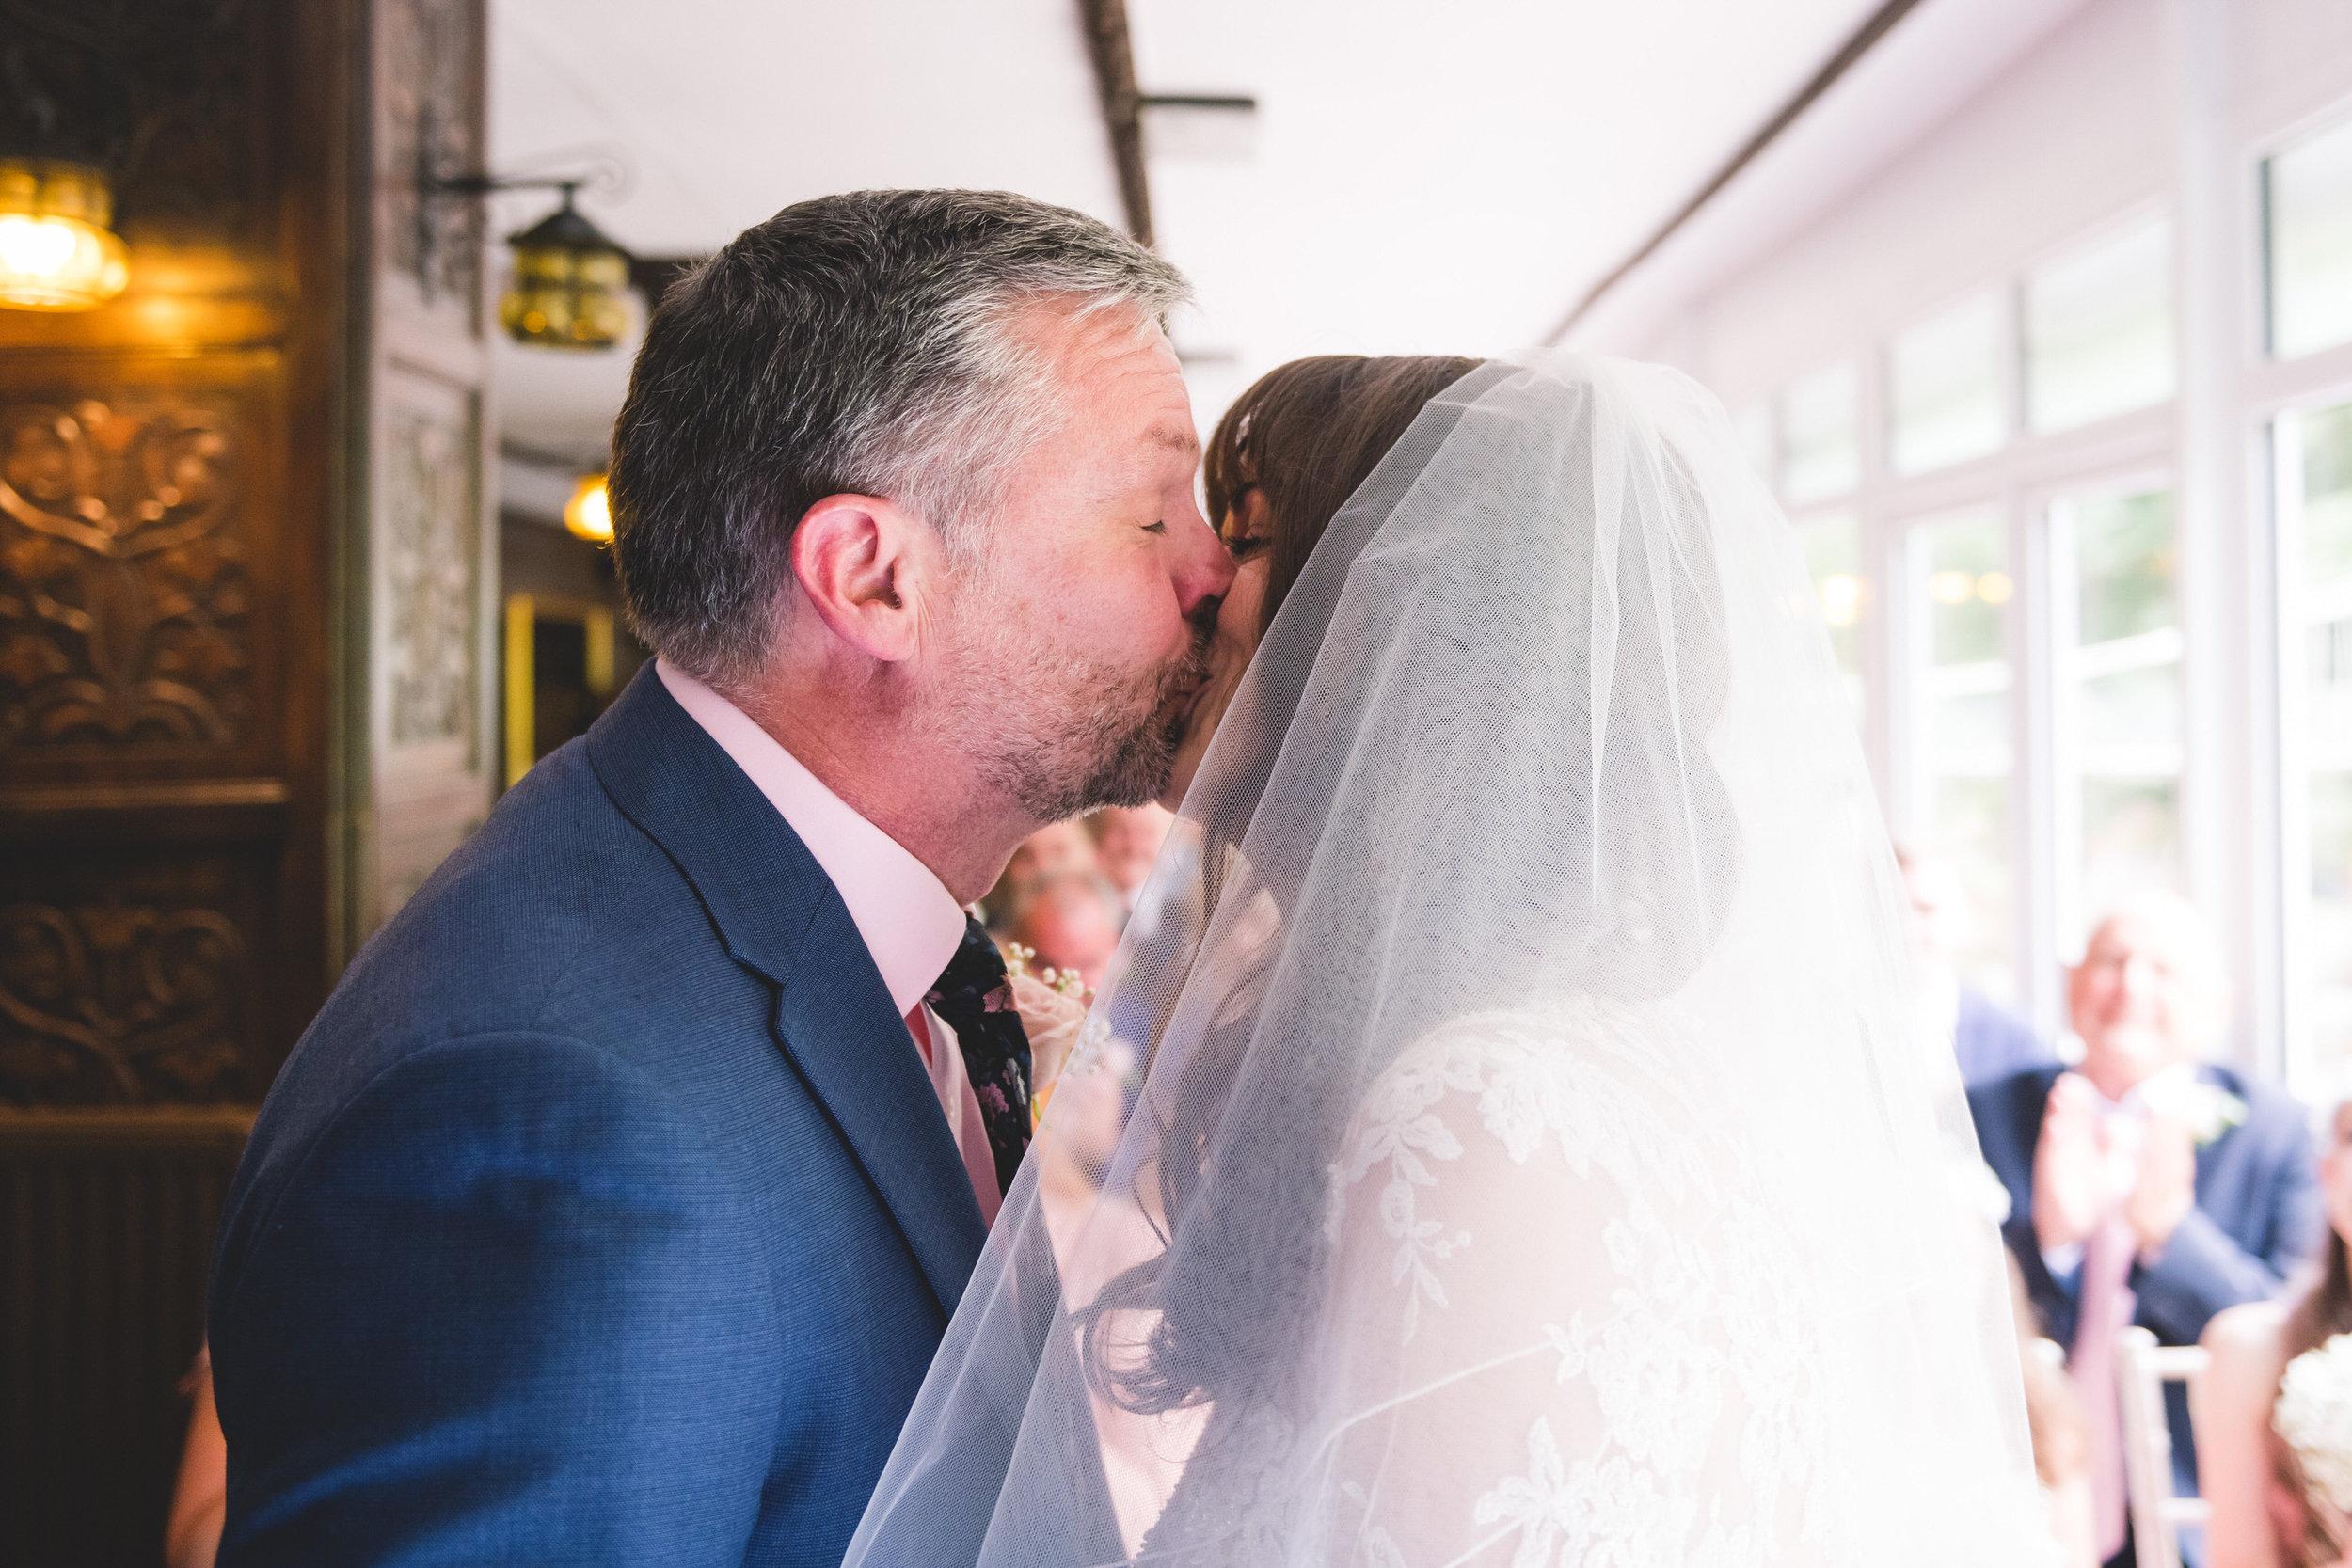 chainbridge-wedding-leeds-wedding-photographer-22.jpg